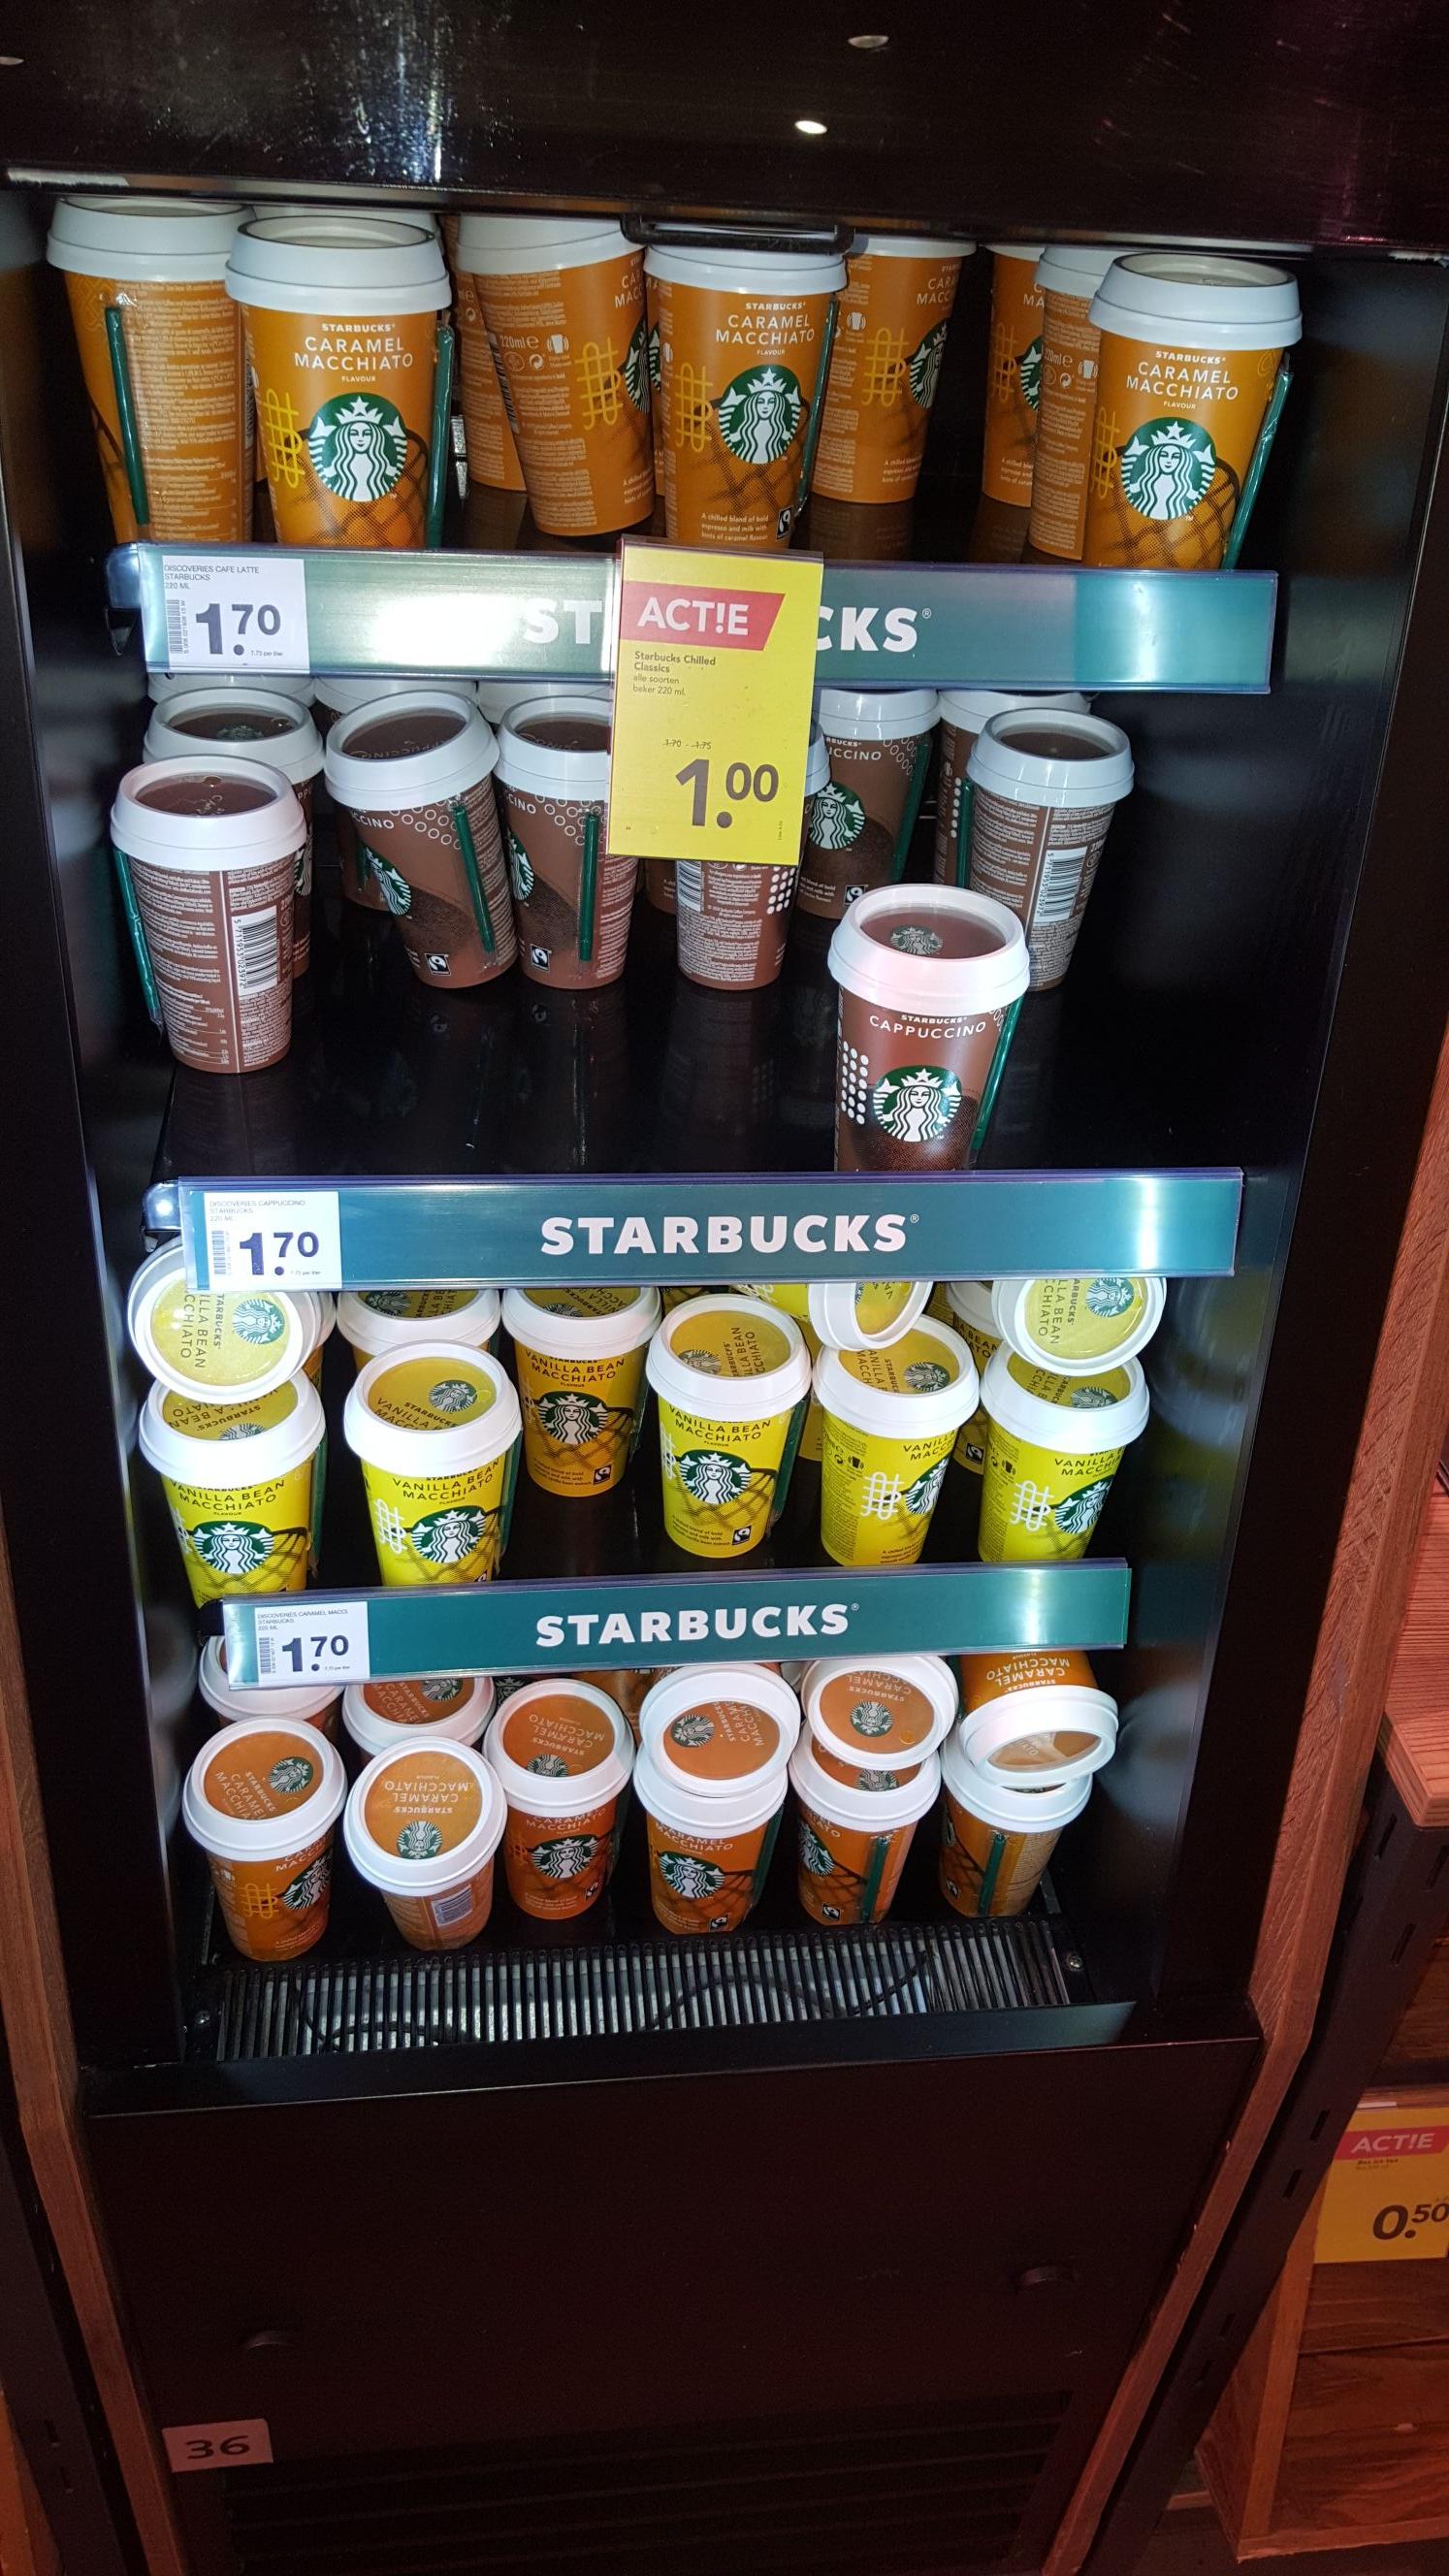 Starbucks coffee bij Deen voor €1,00